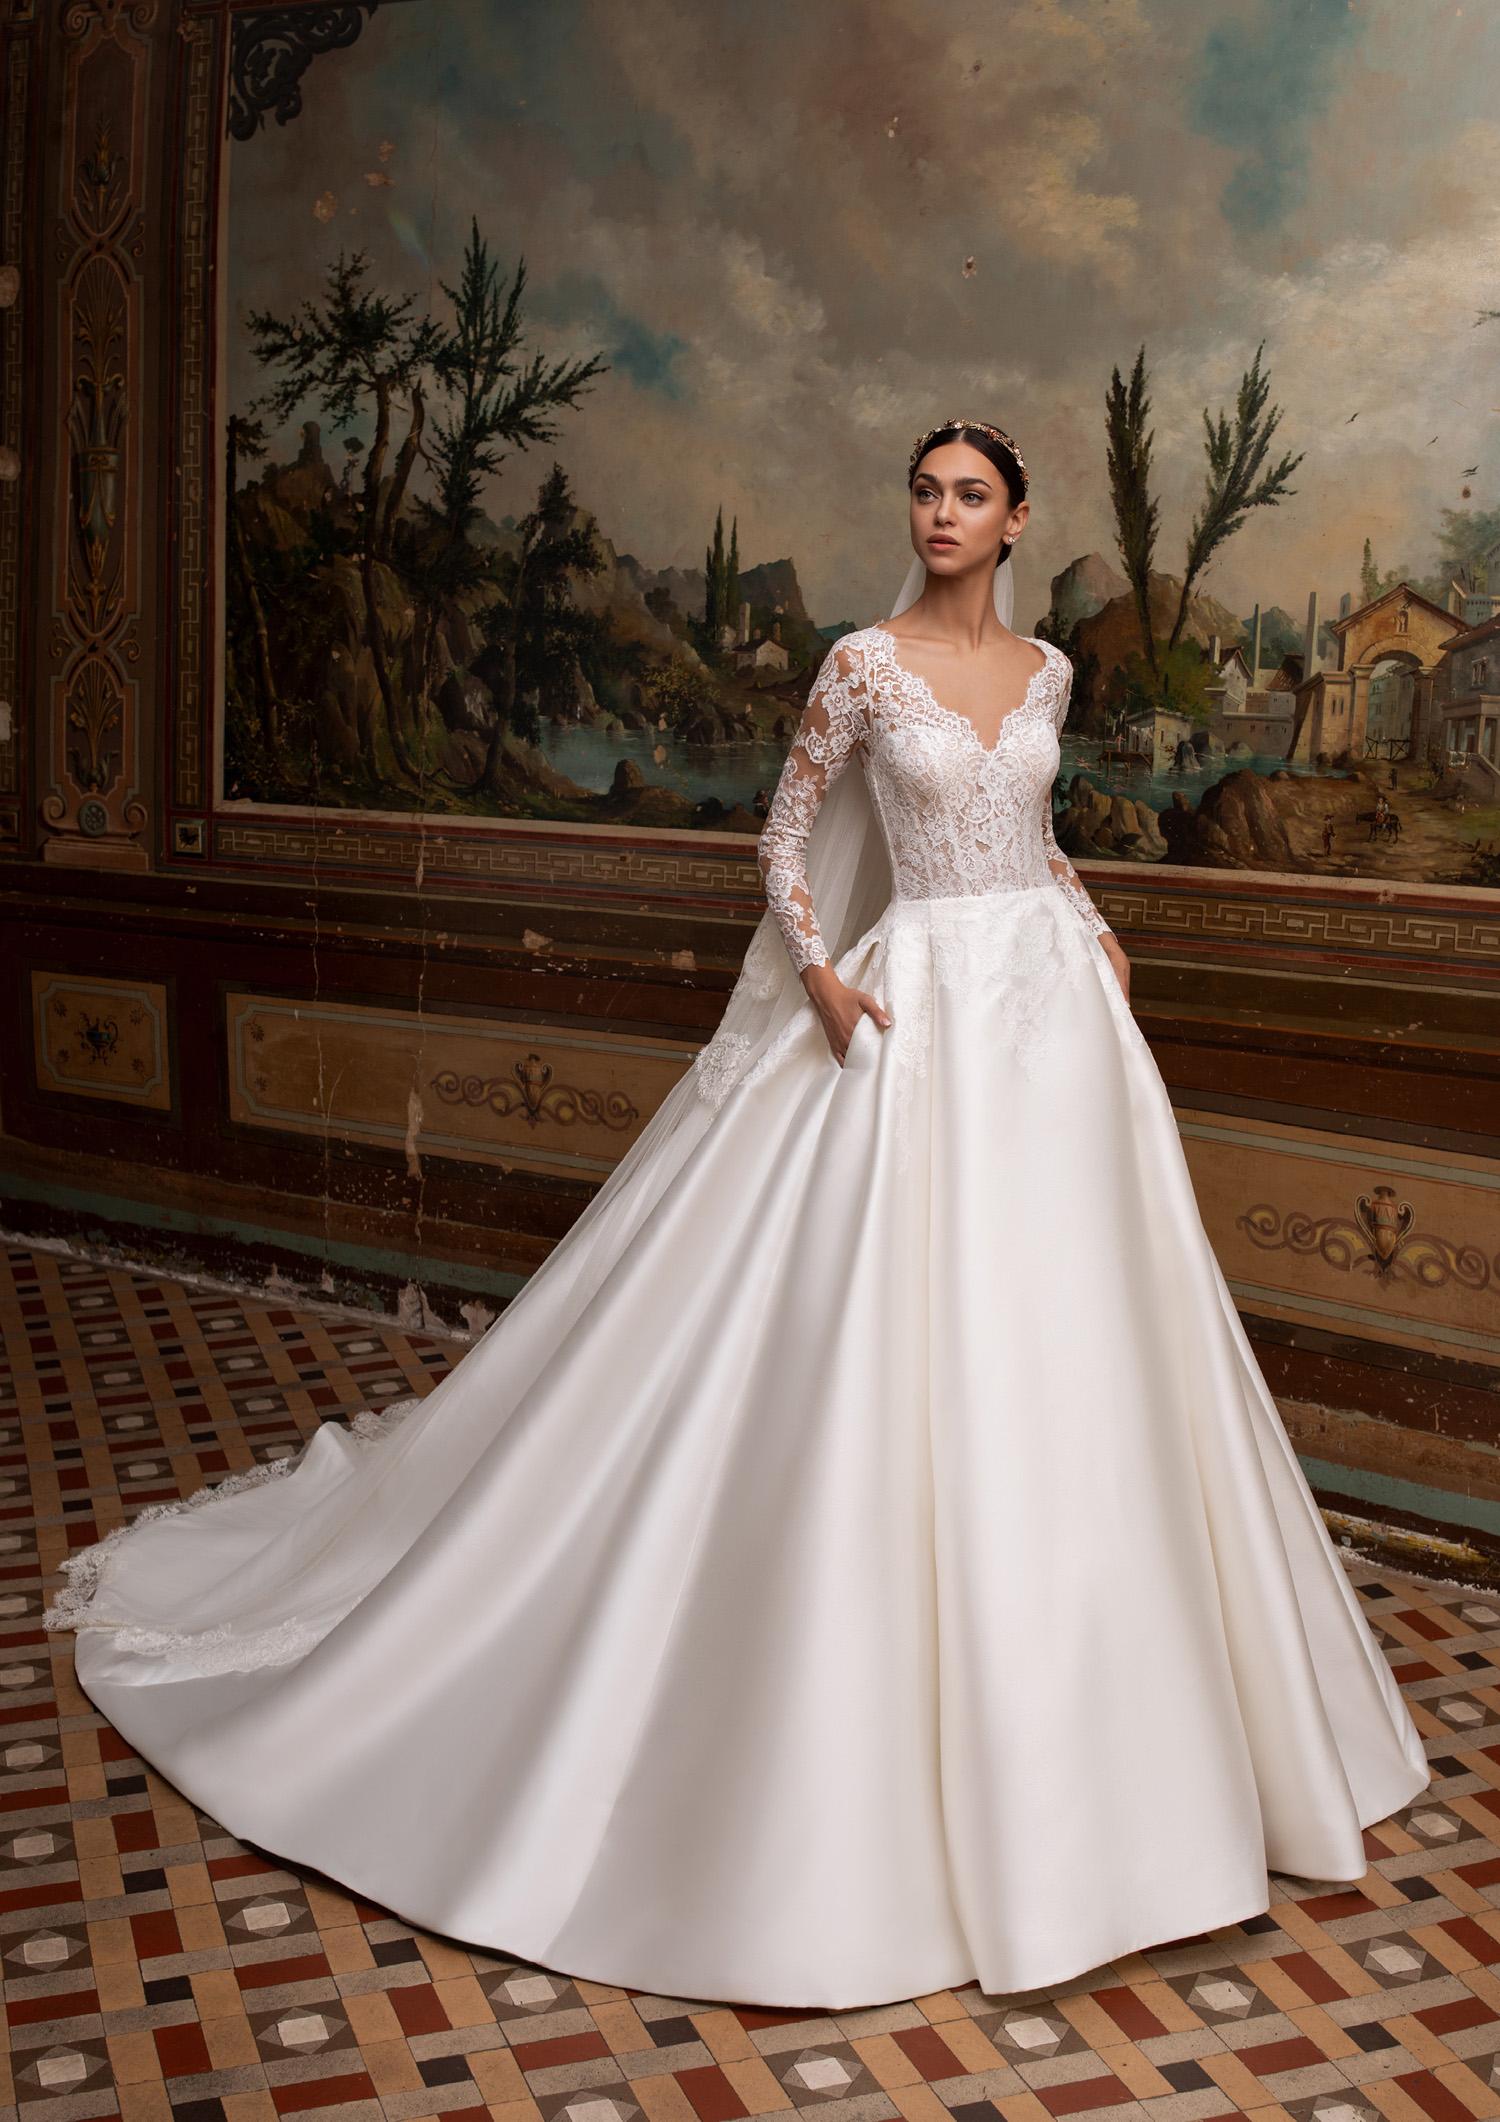 Vestiti Cerimonia Vicenza.Abito Da Sposa Pronovias 2020 Albion Mariages It Abiti Sposa